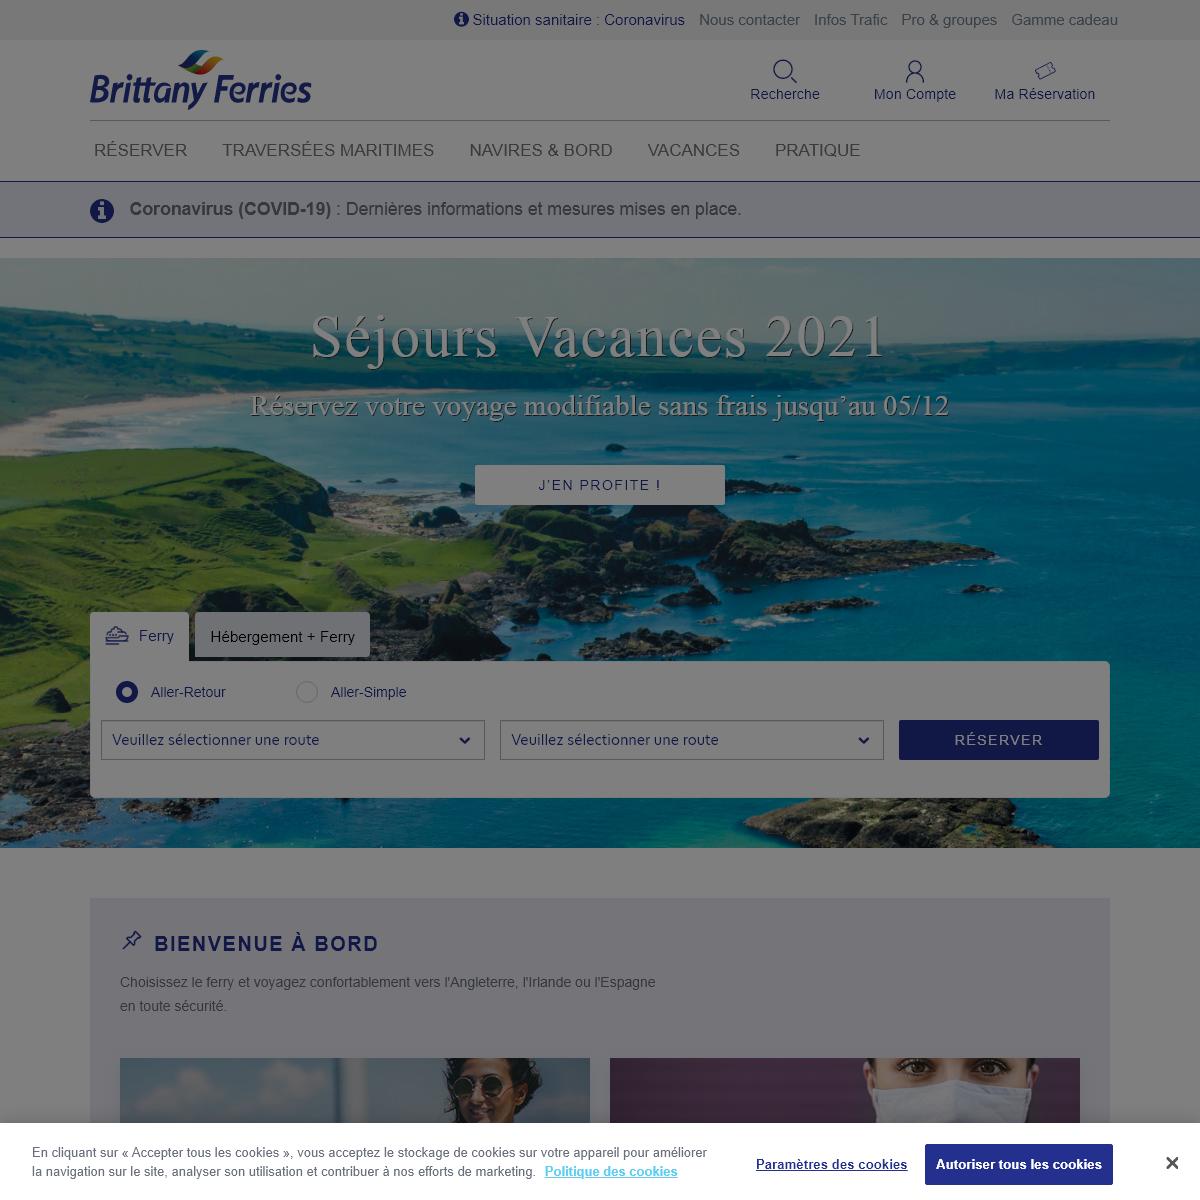 Ferries vers l'Angleterre, l'Irlande et l'Espagne – Séjours en Grande-Bretagne, Irlande, Espagne et Portugal - Brittany